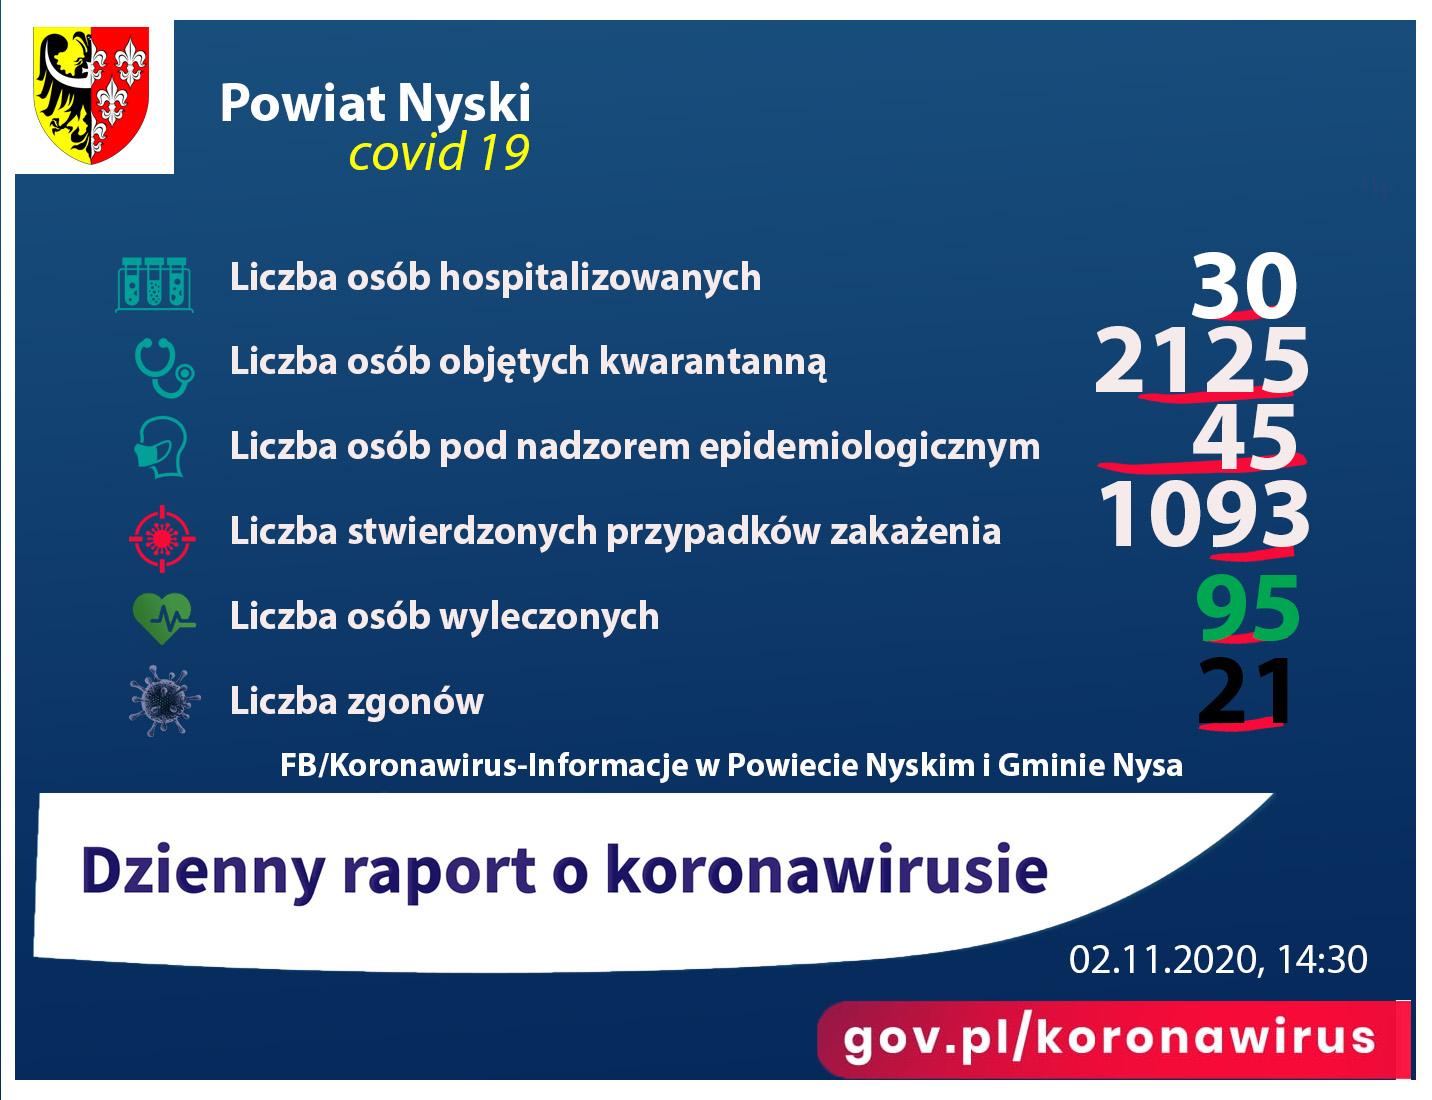 Liczba zakażeń - 1093, hospitalizacjs - 30, kwarantanna 2125, zgony 21, ozdrowieńcy - 95